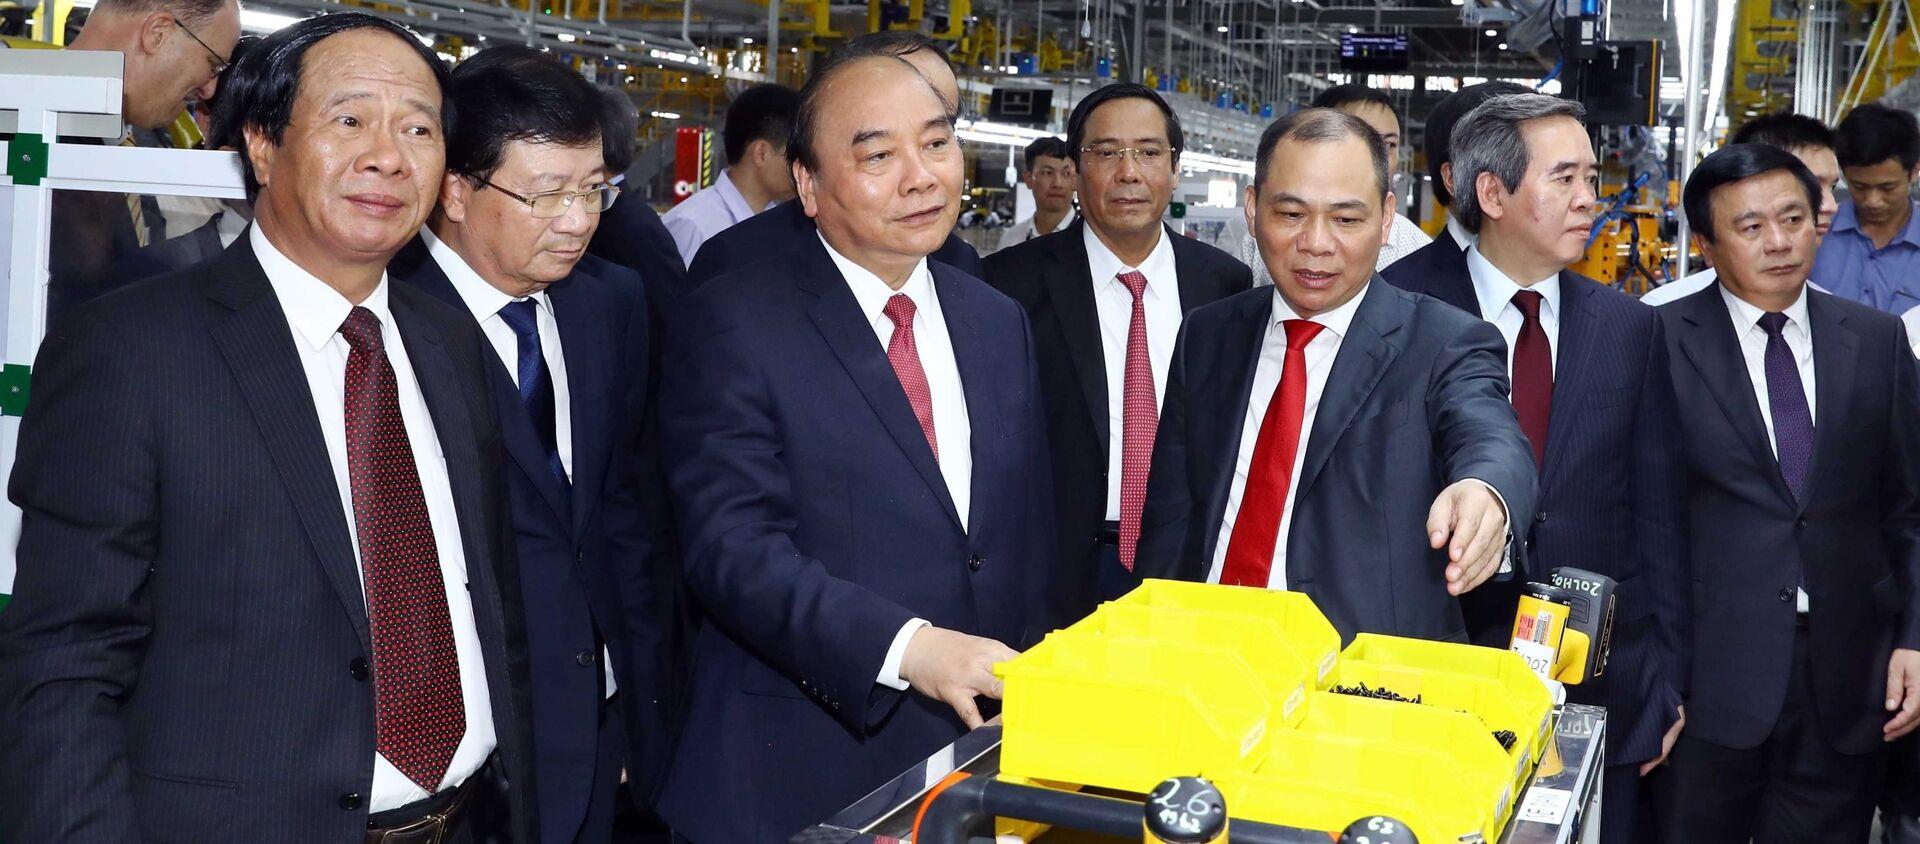 Thủ tướng Nguyễn Xuân Phúc và các đại biểu thăm xưởng lắp ráp Nhà máy sản xuất ô tô Vinfast.  - Sputnik Việt Nam, 1920, 20.06.2019